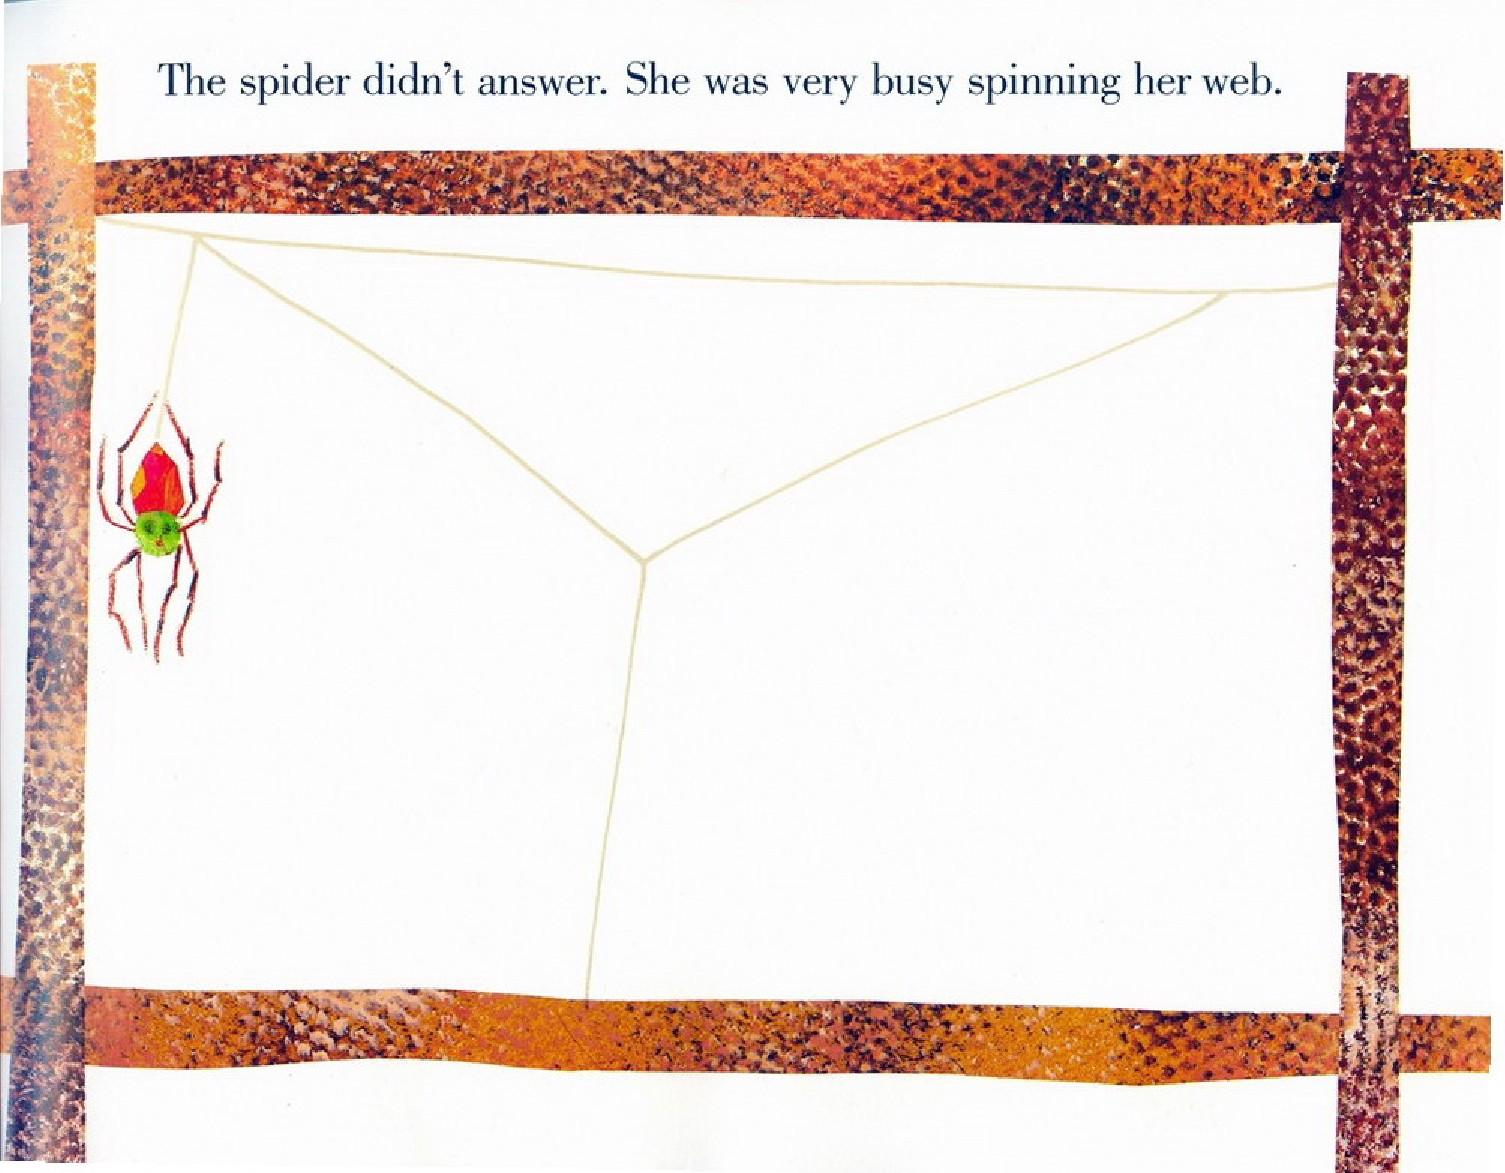 蜘蛛无边框gif